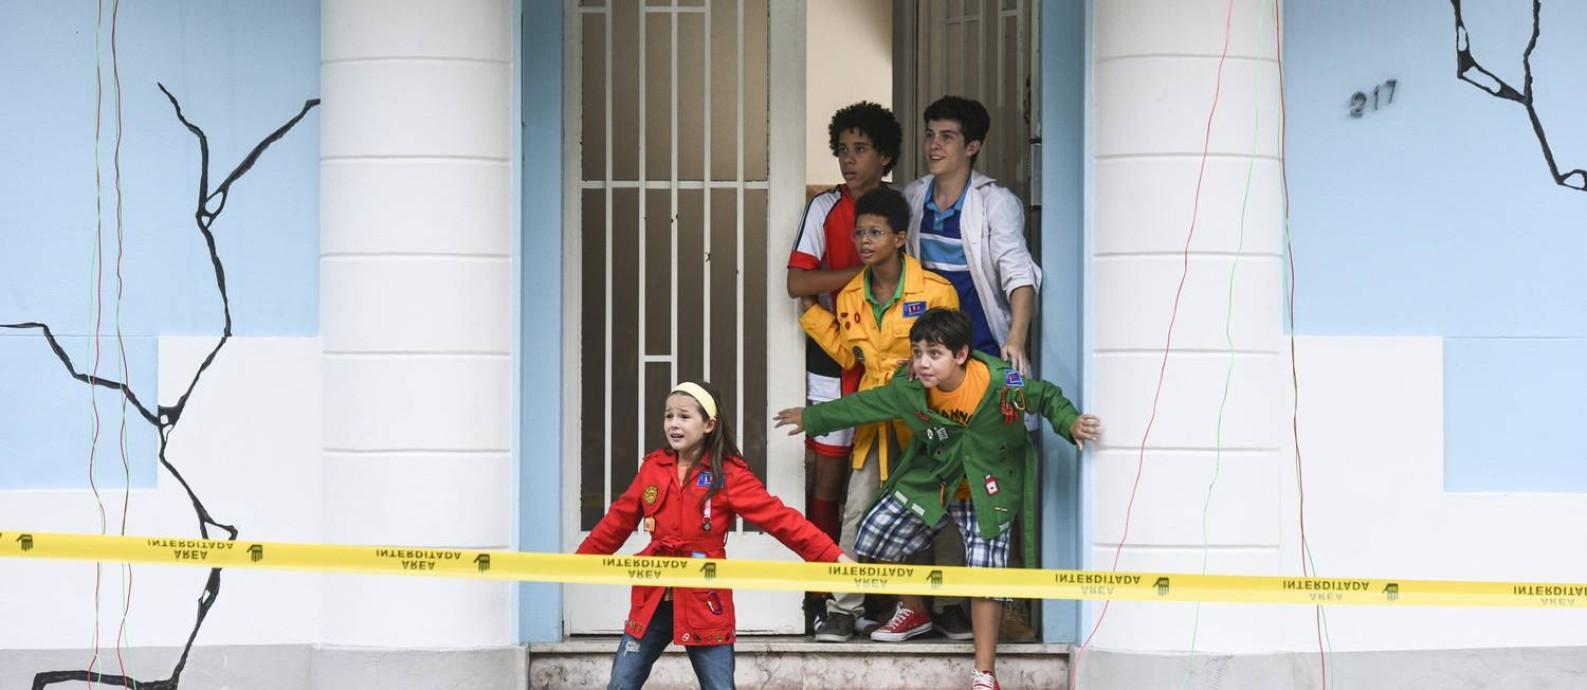 'D.P.A - O filme' atinge um milhão de espectadores e se torna filme brasileiro mais visto do ano Foto: Divulgação